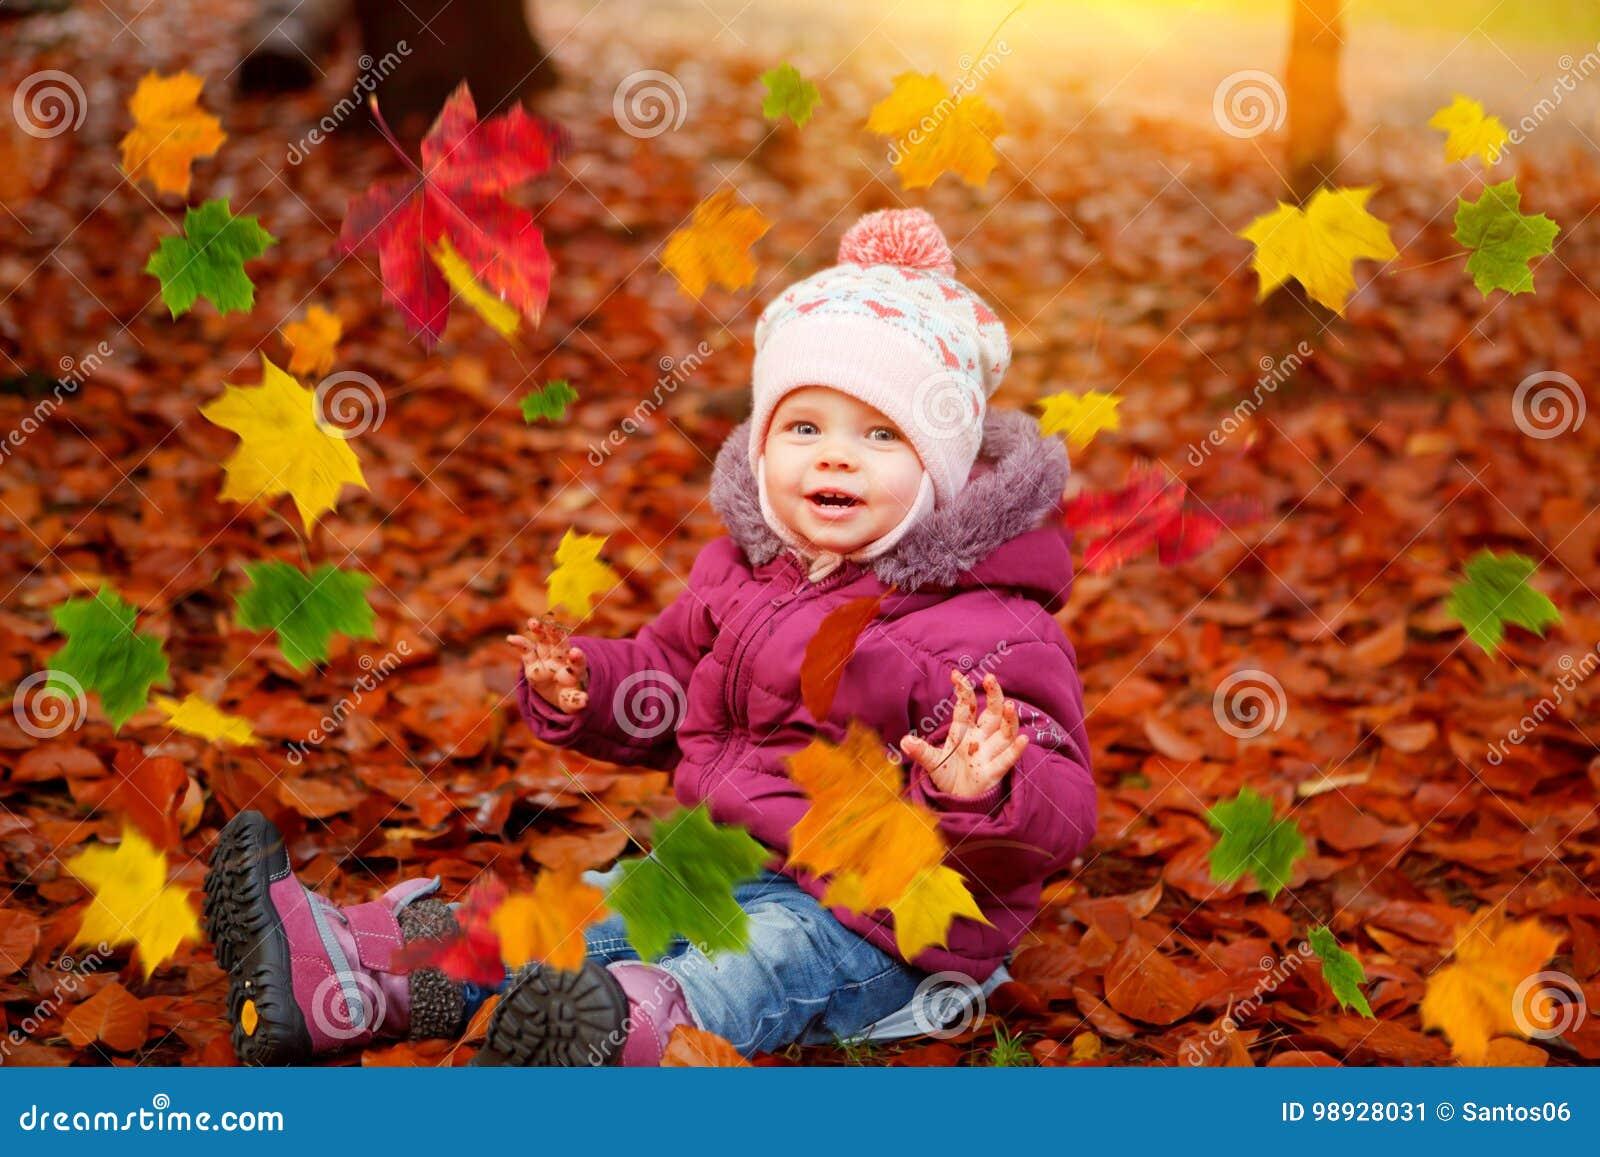 Ребёнок играя с листьями осени